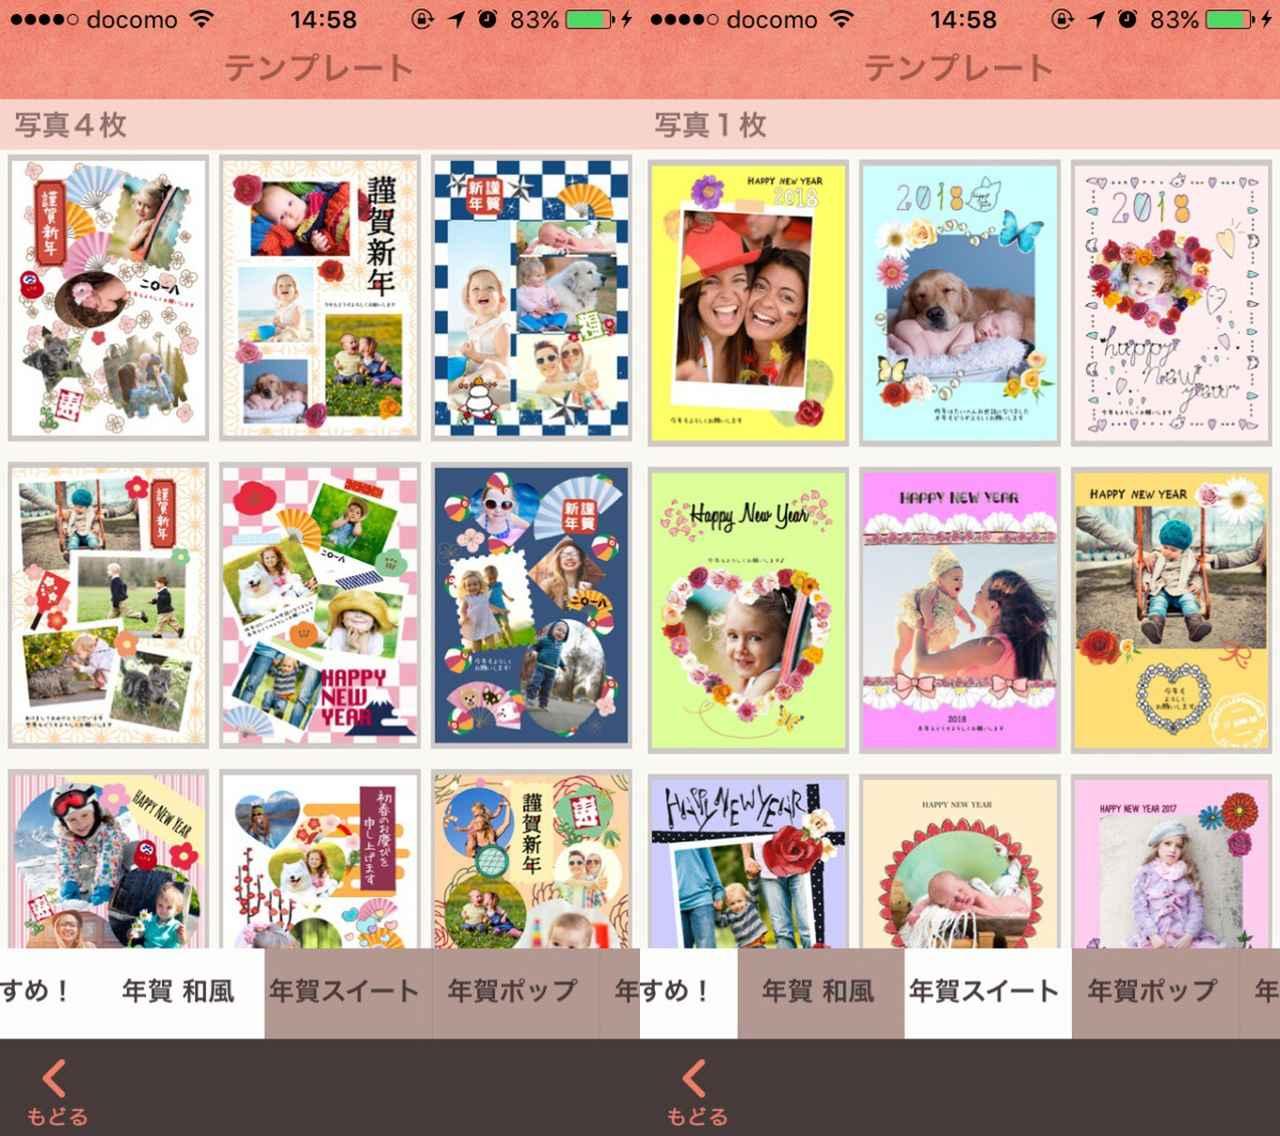 画像2: 可愛いテンプレートがいっぱいのポストカードアプリが年賀状対応!